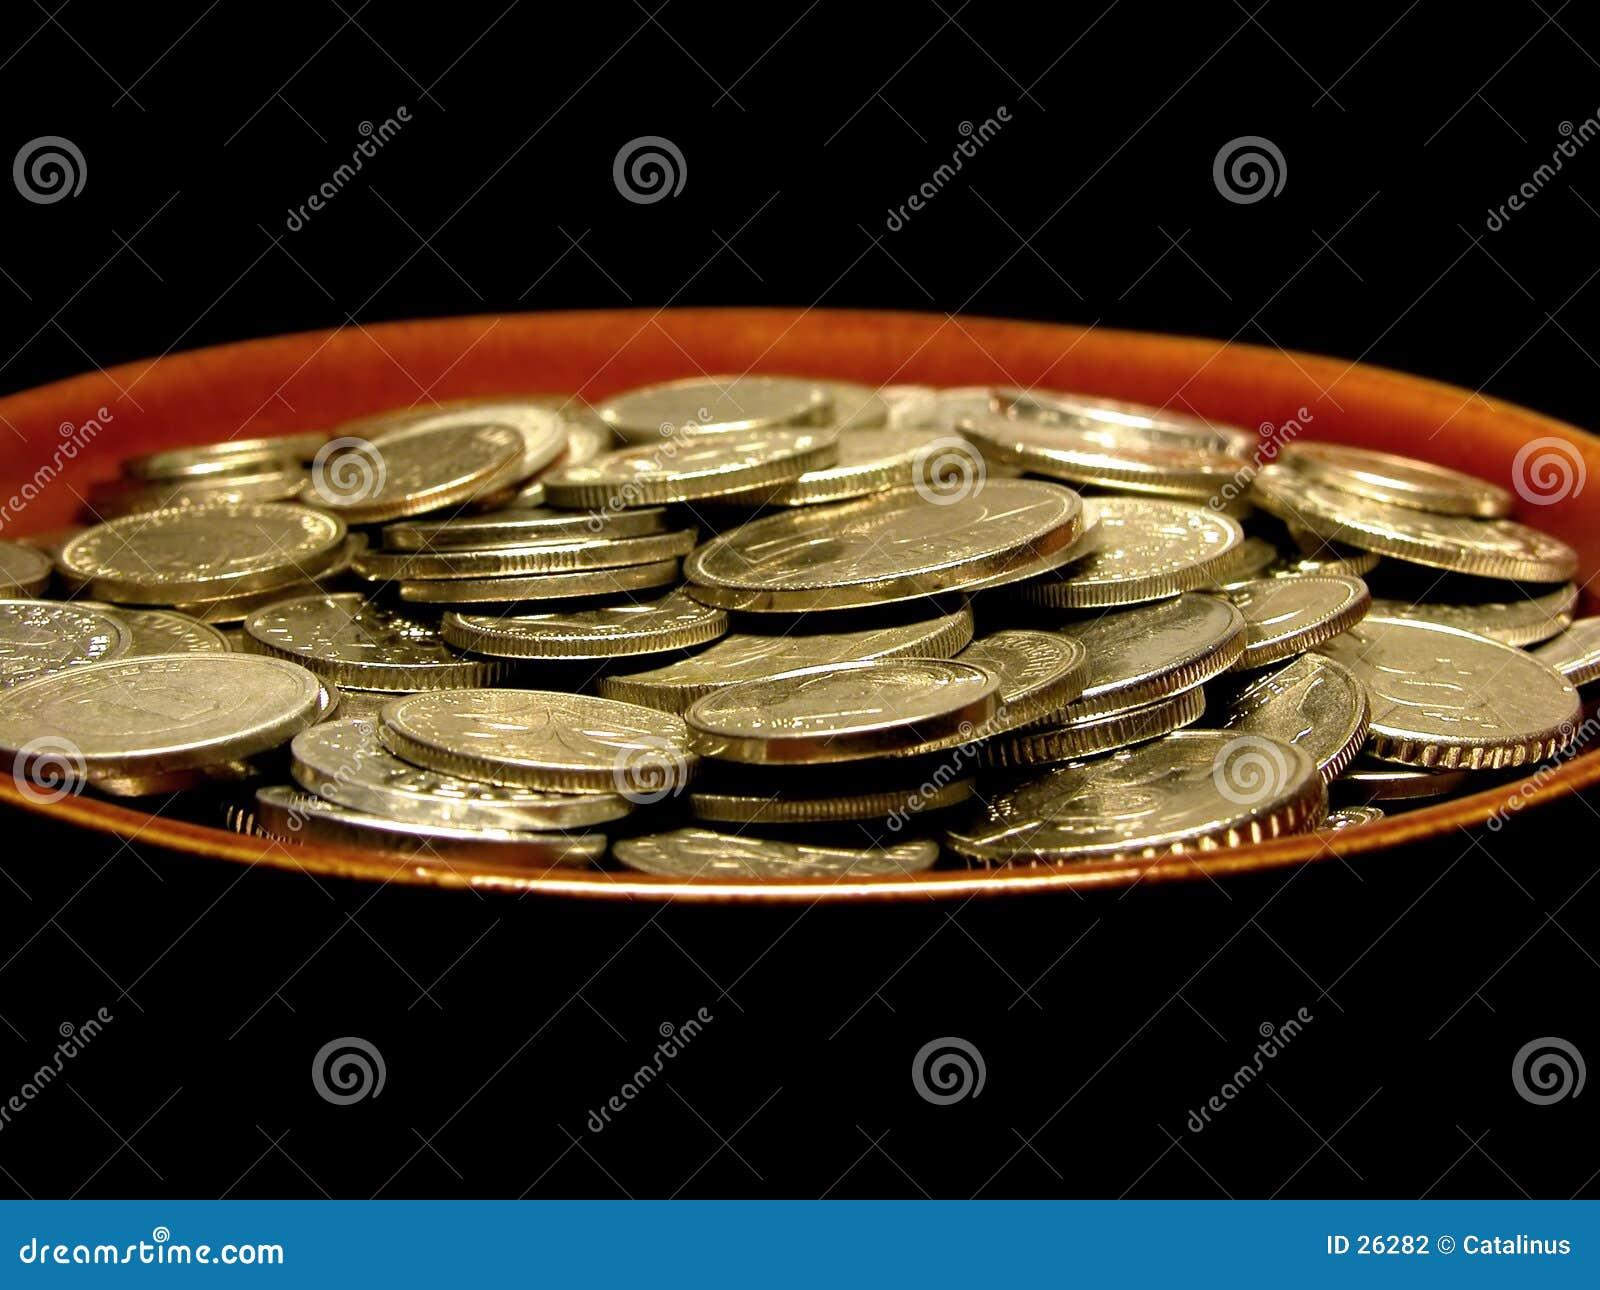 Download Monedas en placa de sopa foto de archivo. Imagen de monedas - 26282